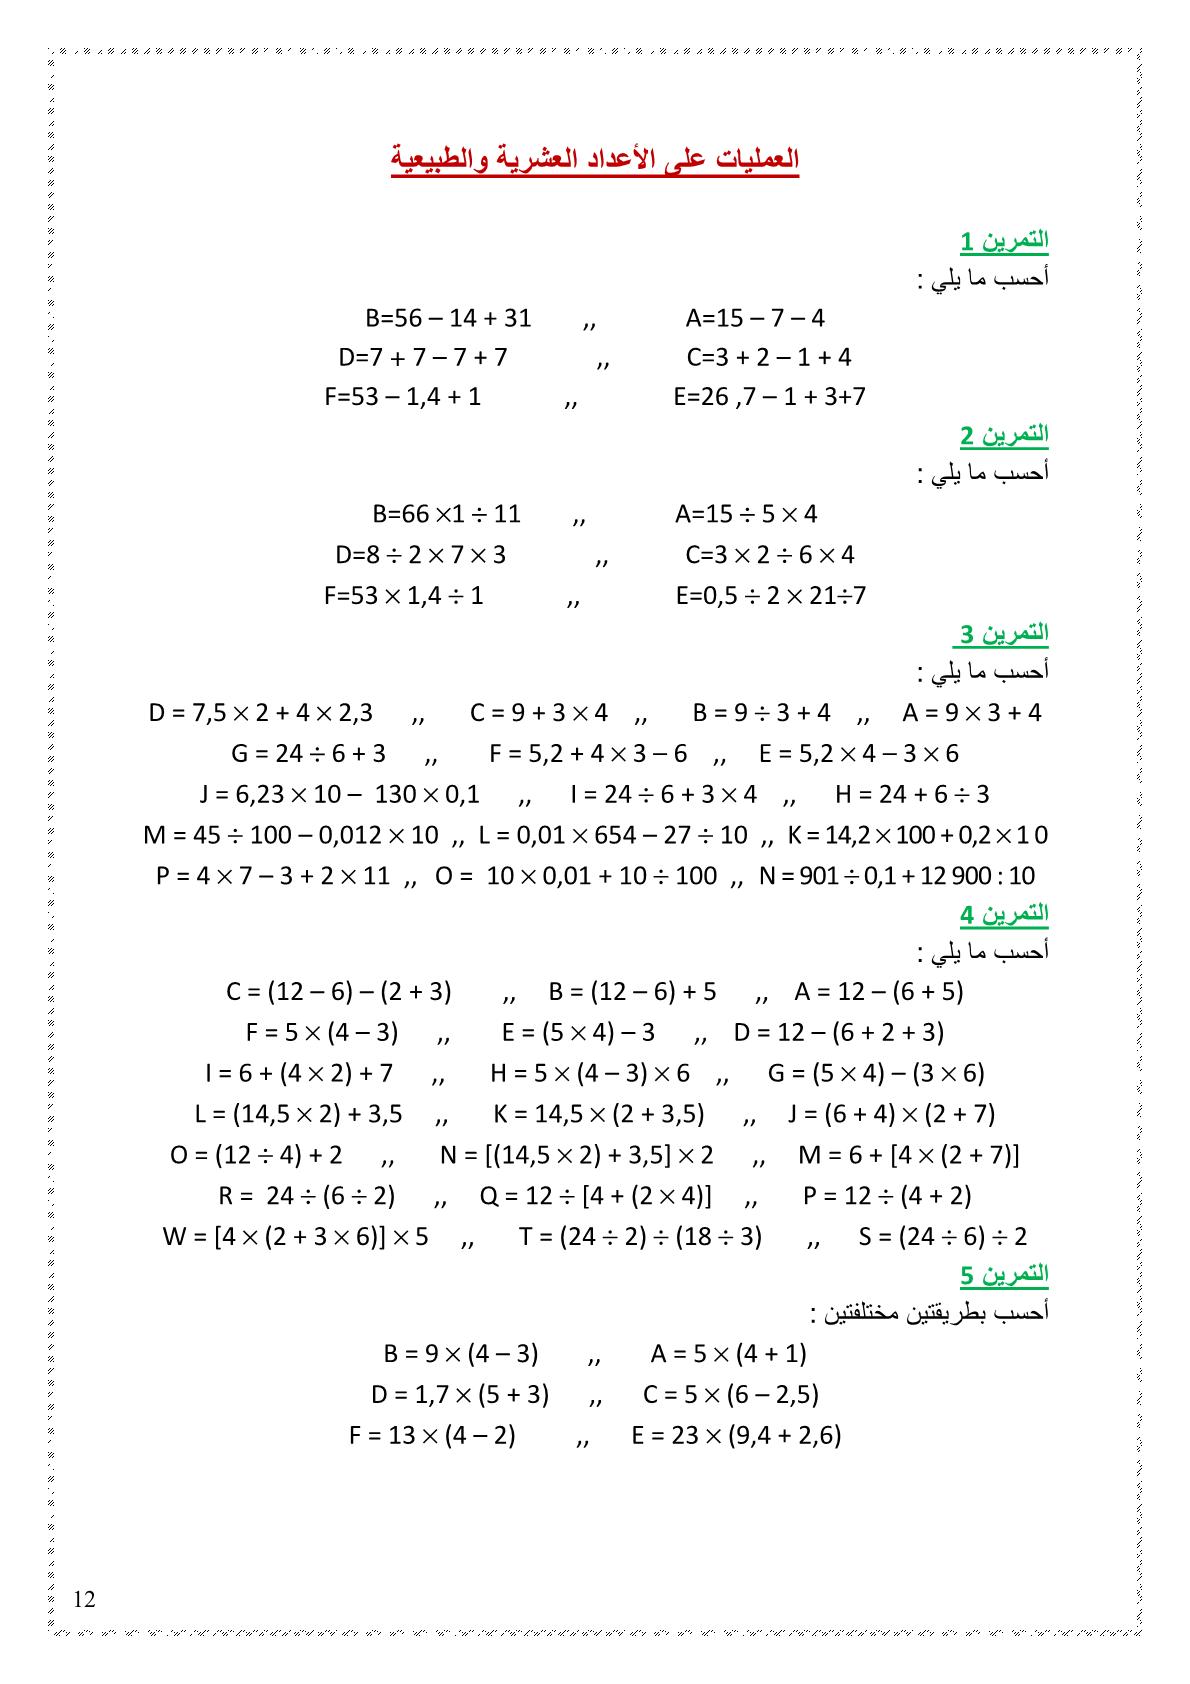 تمارين العمليات على الأعدادي الطبيعية والعشرية للسنة الاولى اعدادي